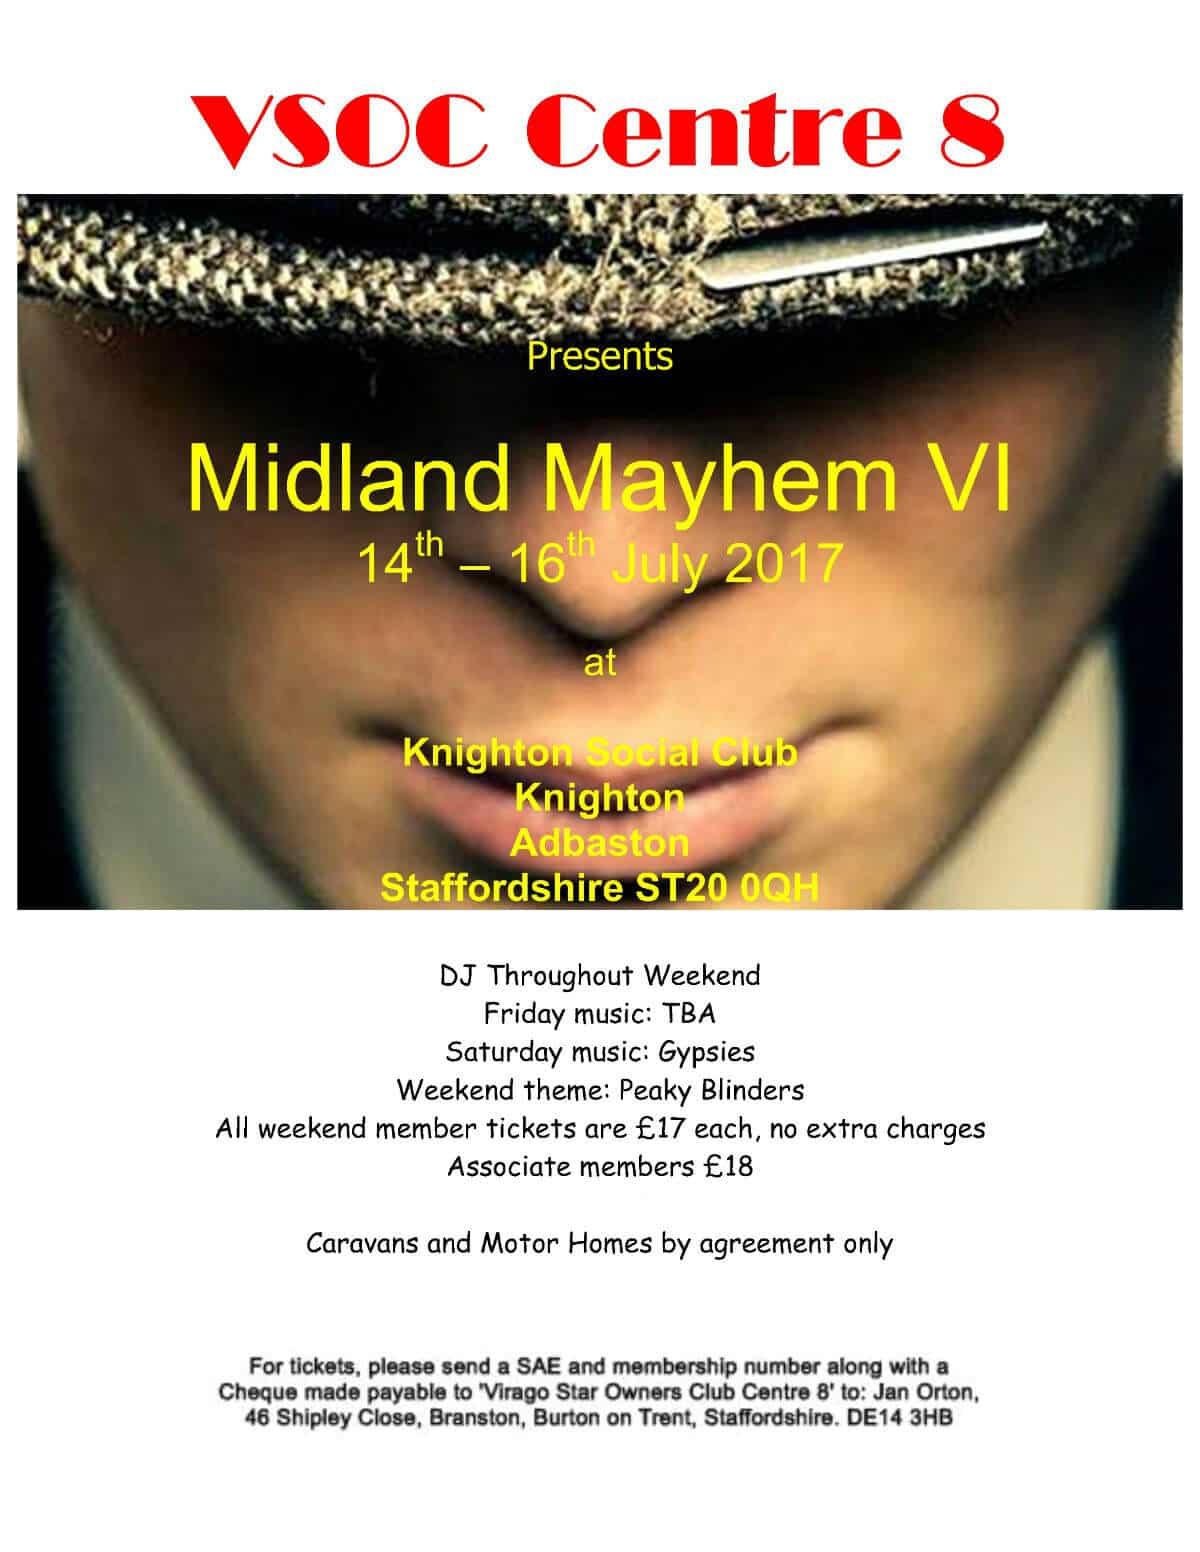 Midland Mayhem Rally flyer